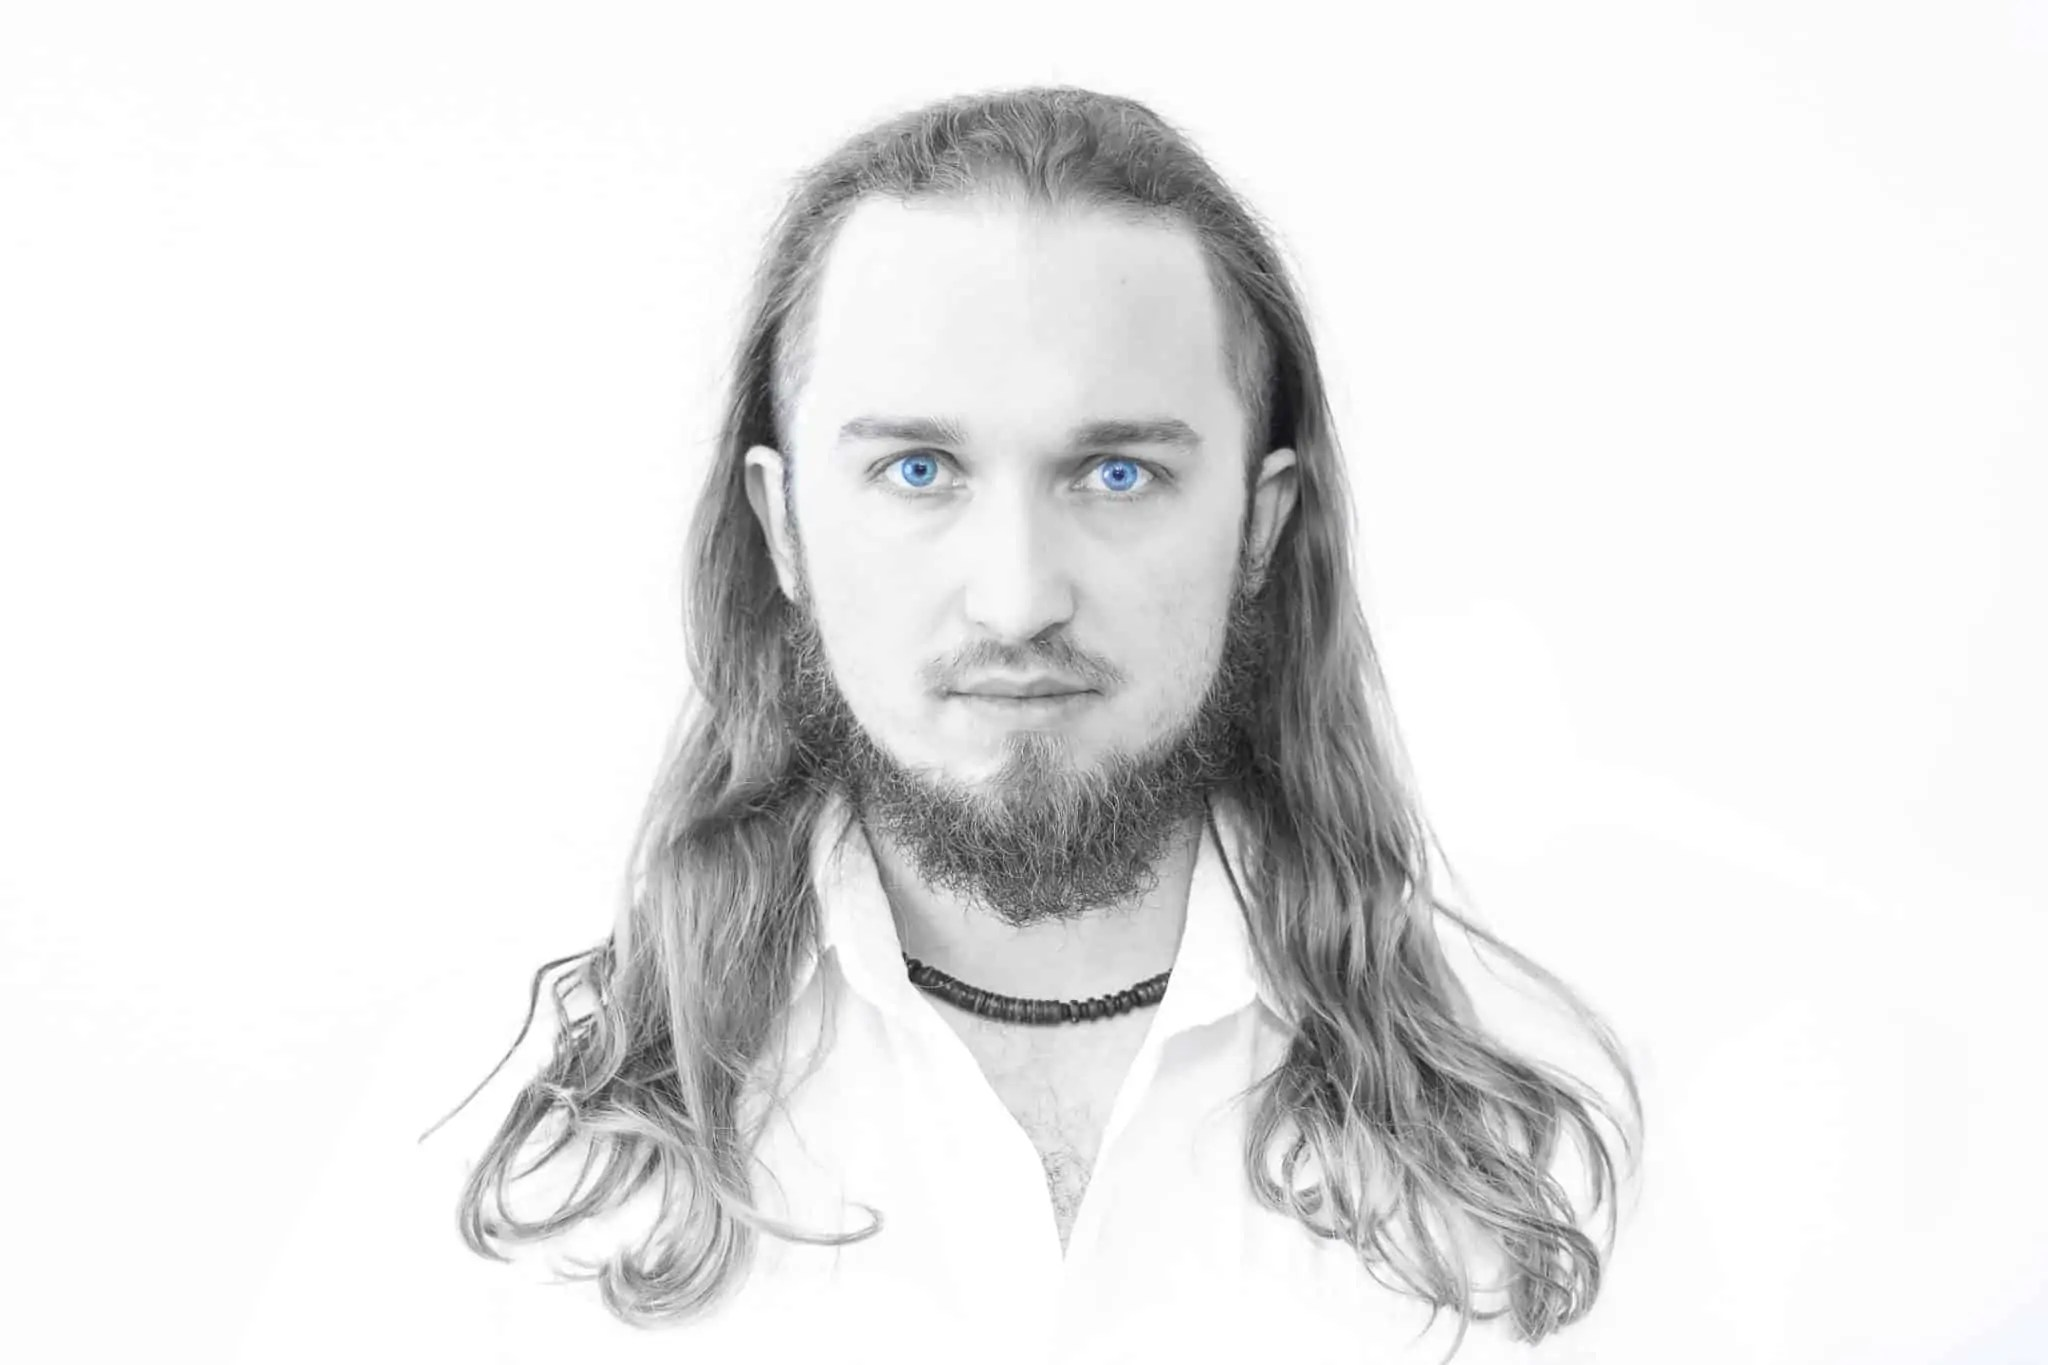 Biały portret niebieskie oczy 1 scaled - Biały portret na białym tle